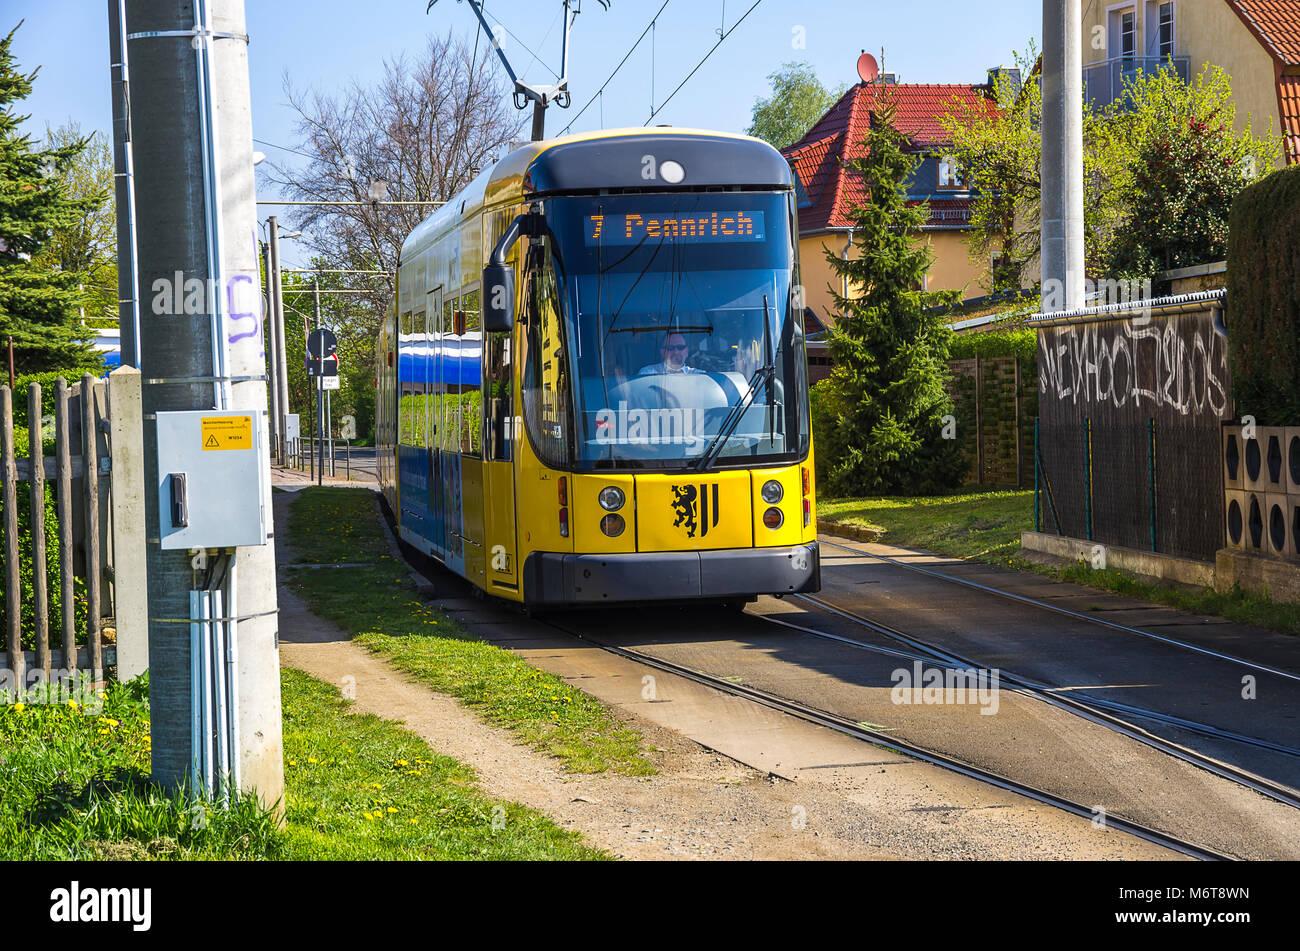 Straßenbahn Linie 7 an der Endhaltestelle in Weixdorf, Dresden, Sachsen, Deutschland. Stockbild